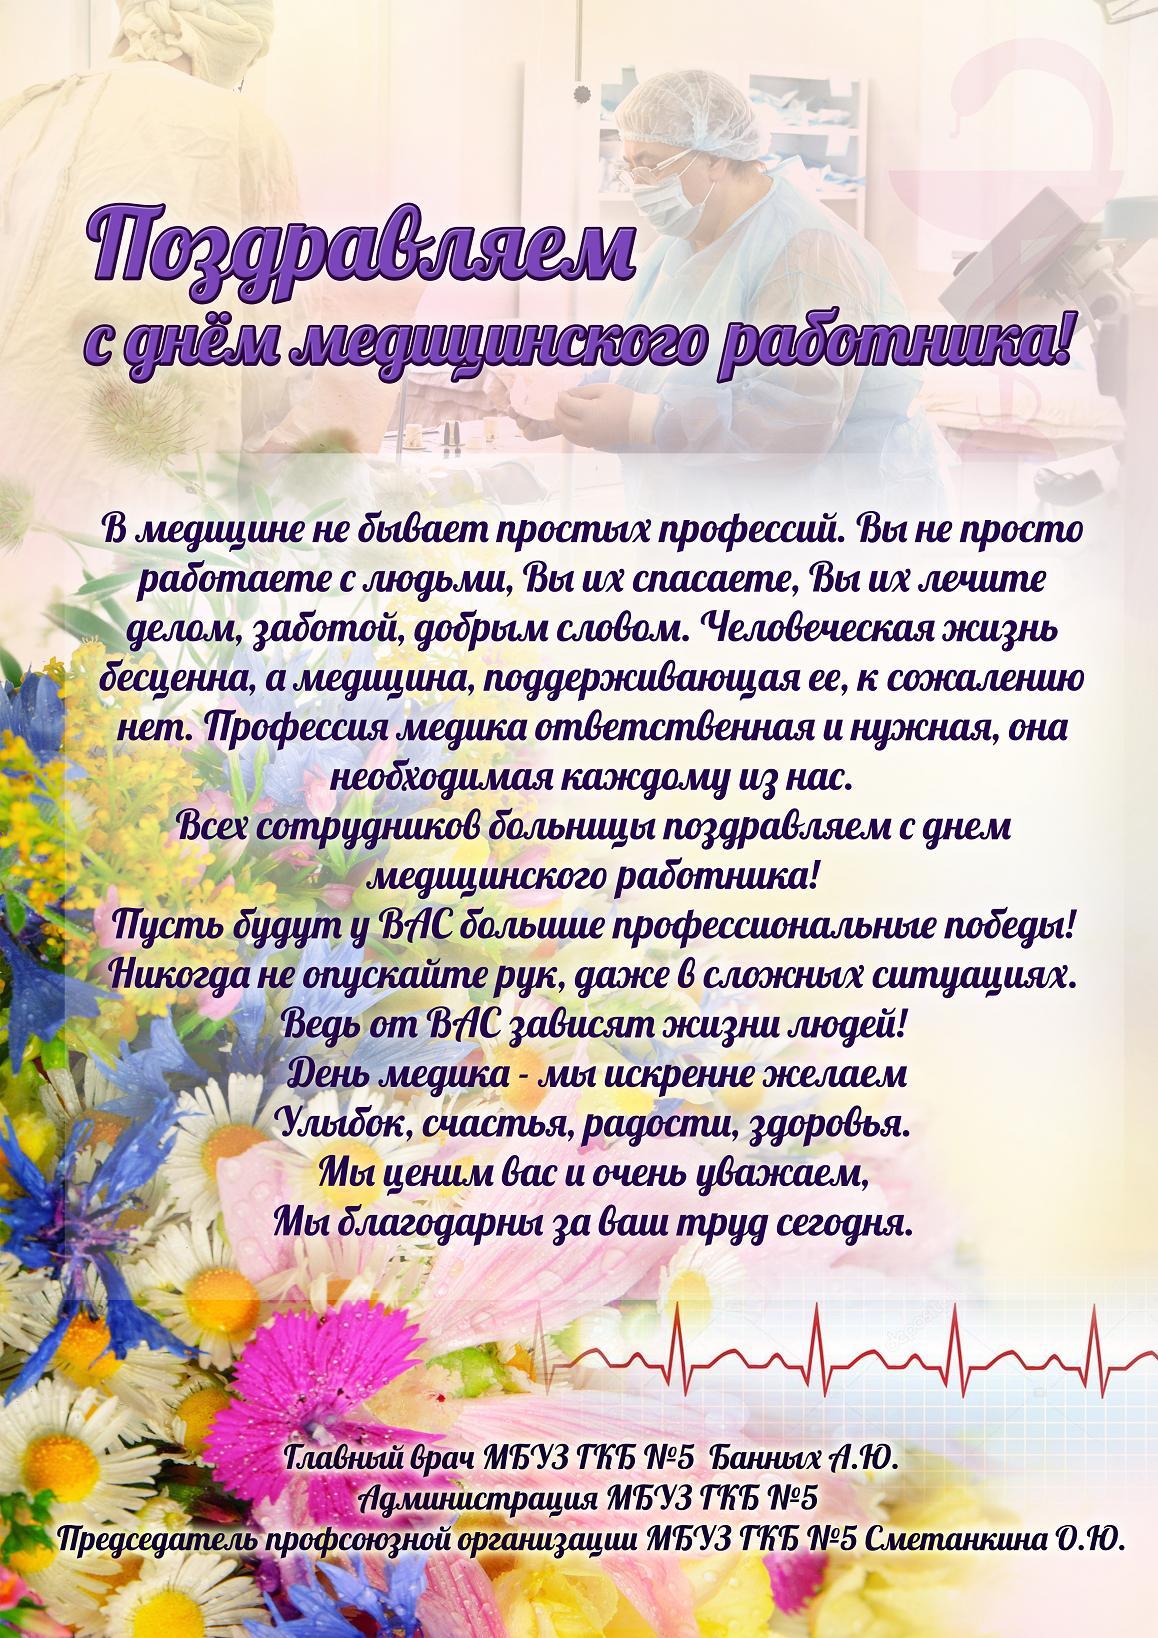 Поздравление врачам по профессиям